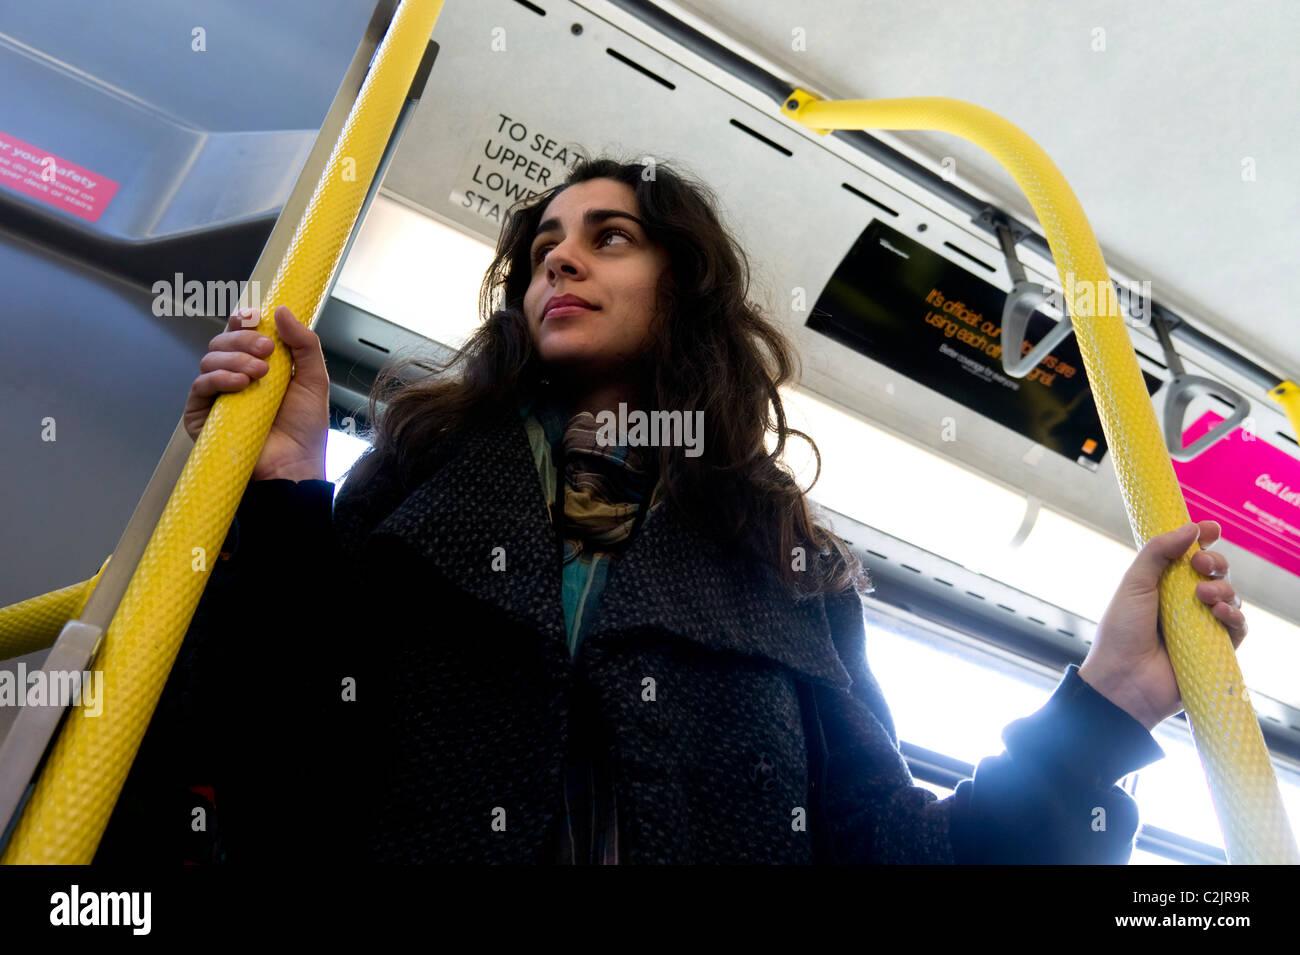 Ângulo Baixo vista da jovem mulher cavalgando um ônibus de Londres Imagens de Stock